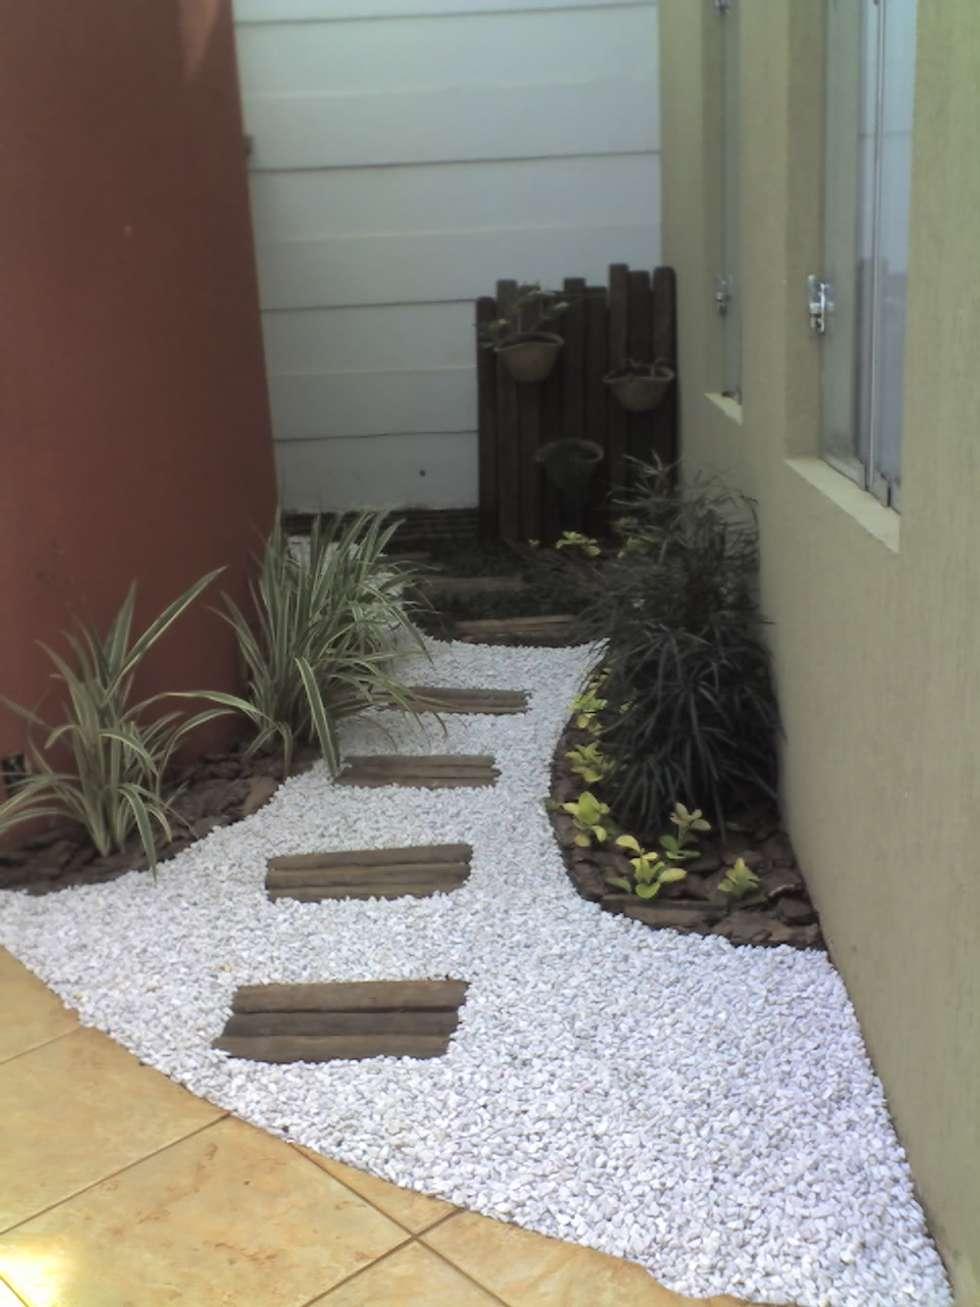 Fotos de decora o design de interiores e reformas homify for Klein tuin uitleg